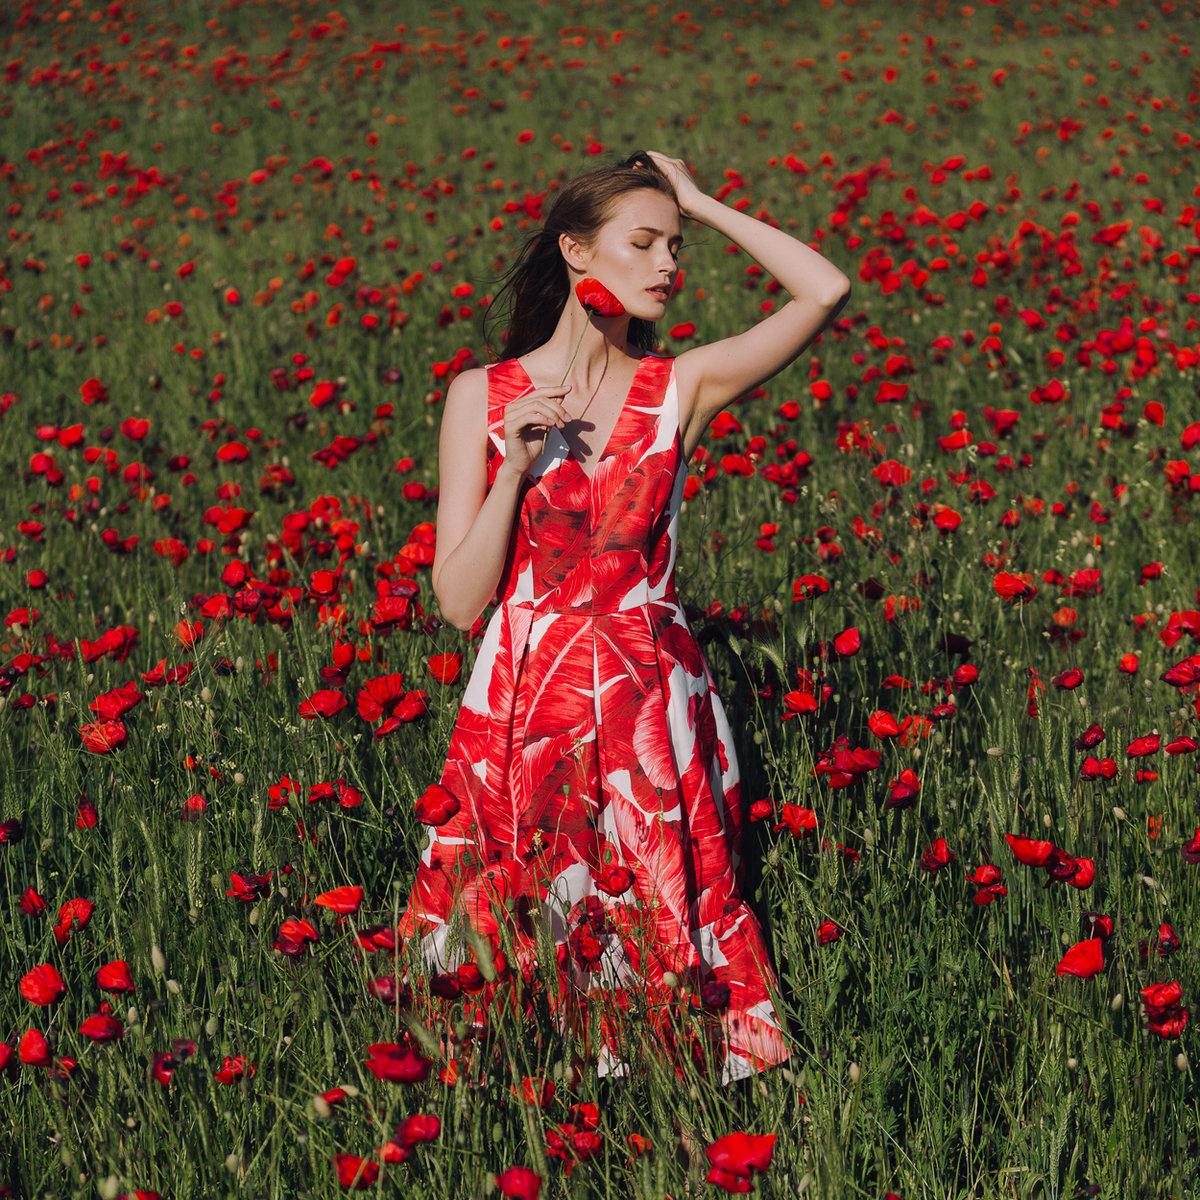 довольно идеи фотосессии в цветочном платье себя